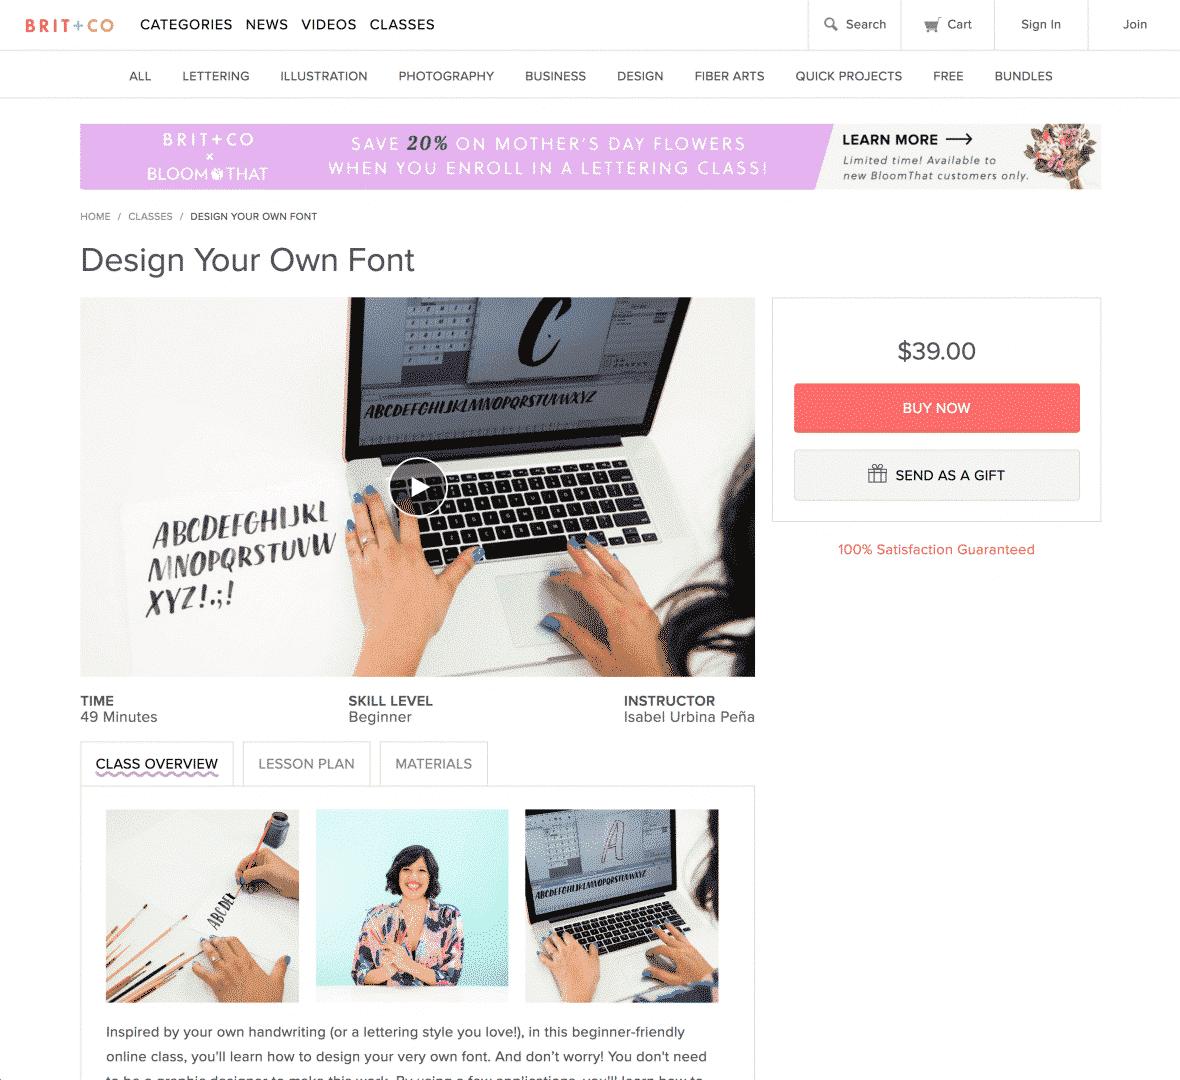 Brit + Co - Design Your Own Font Course